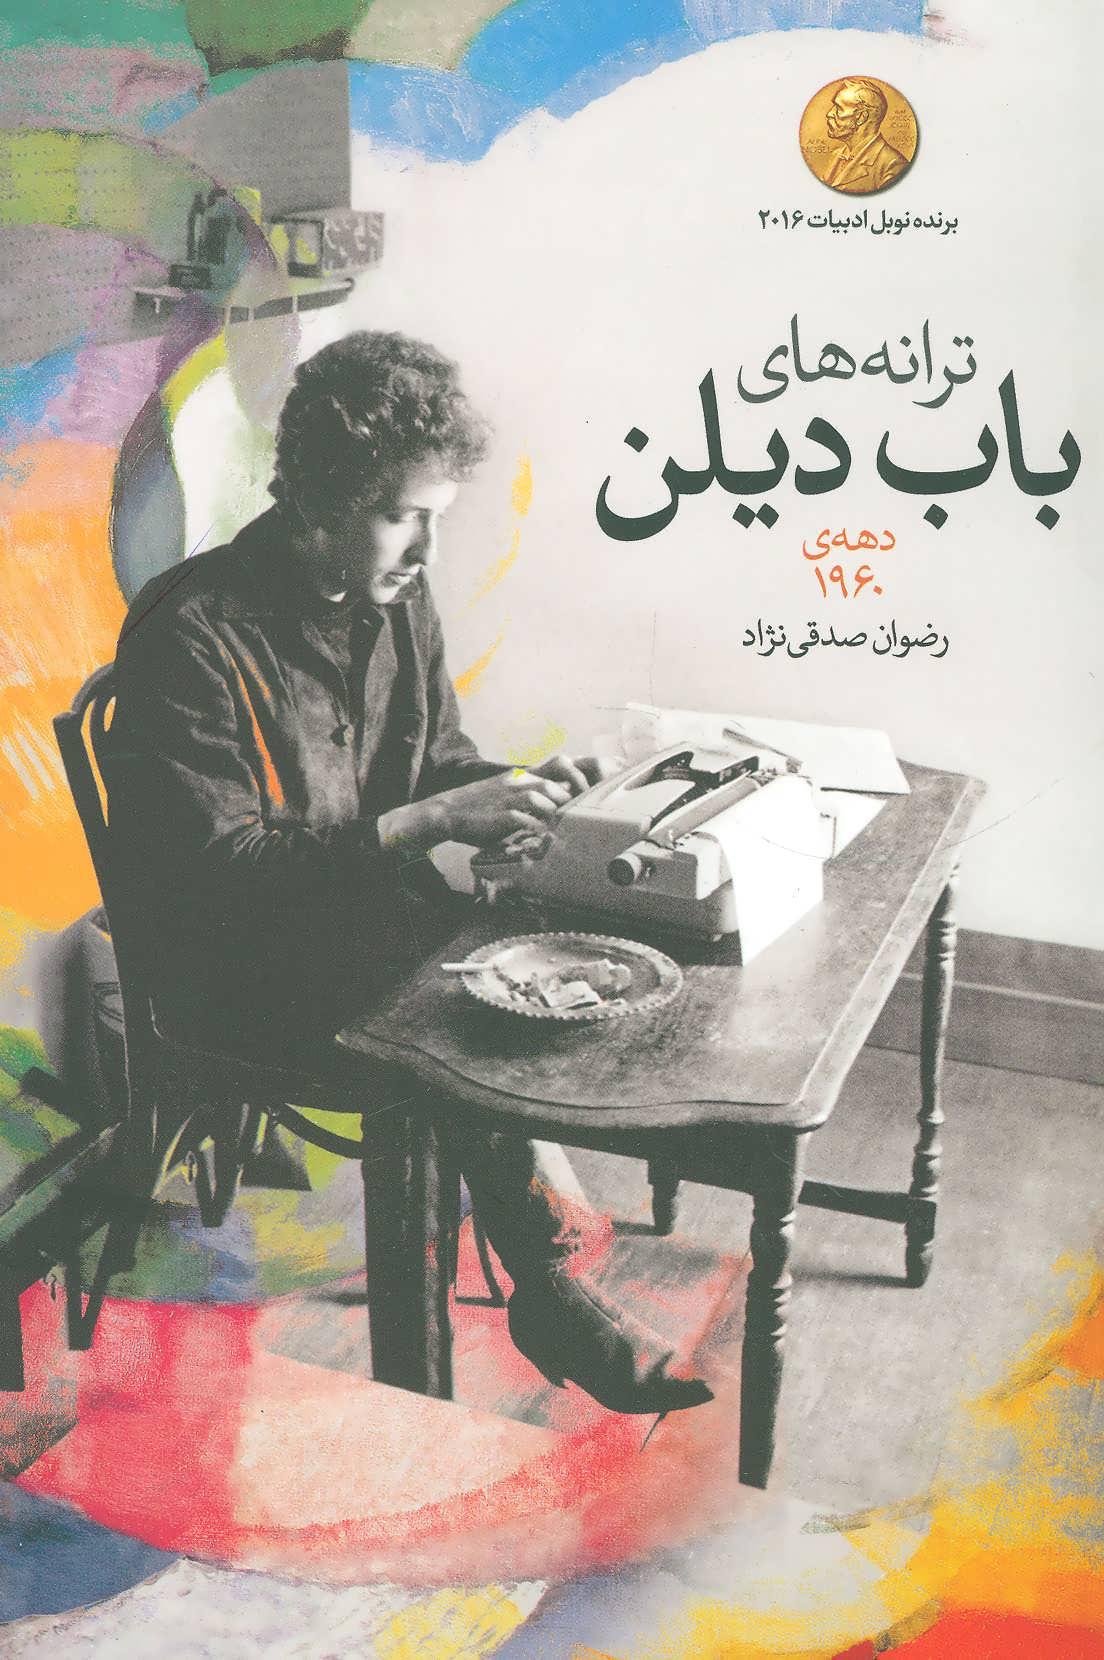 ترانه های باب دیلن (دهه ی 1960)